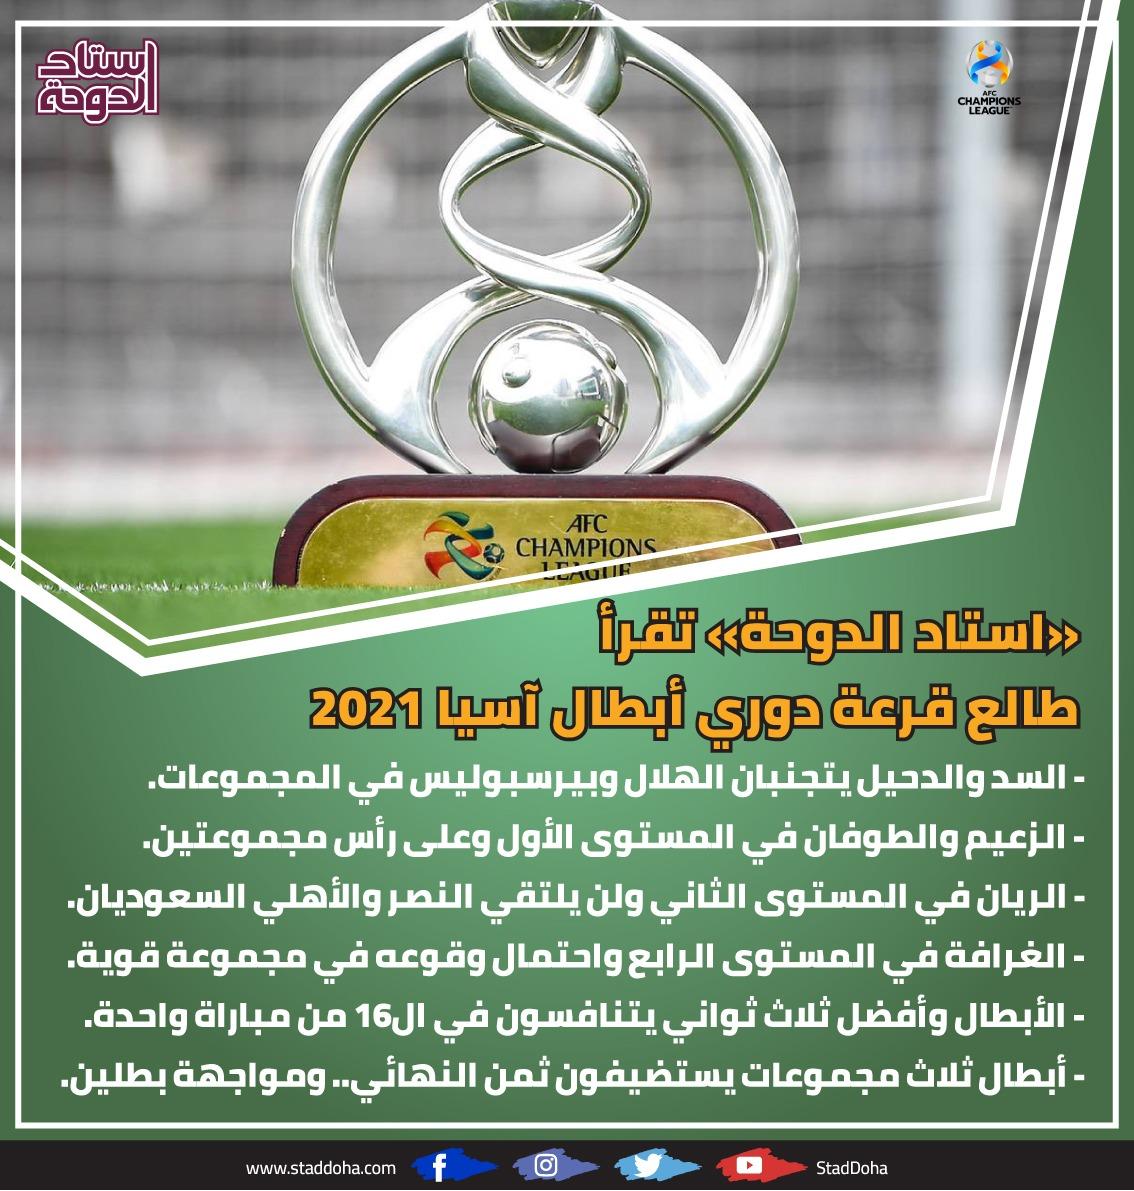 """#استاد_الدوحة   """"استاد الدوحة """" تقرأ طالع قرعة #دوري_أبطال_آسيا 2021"""